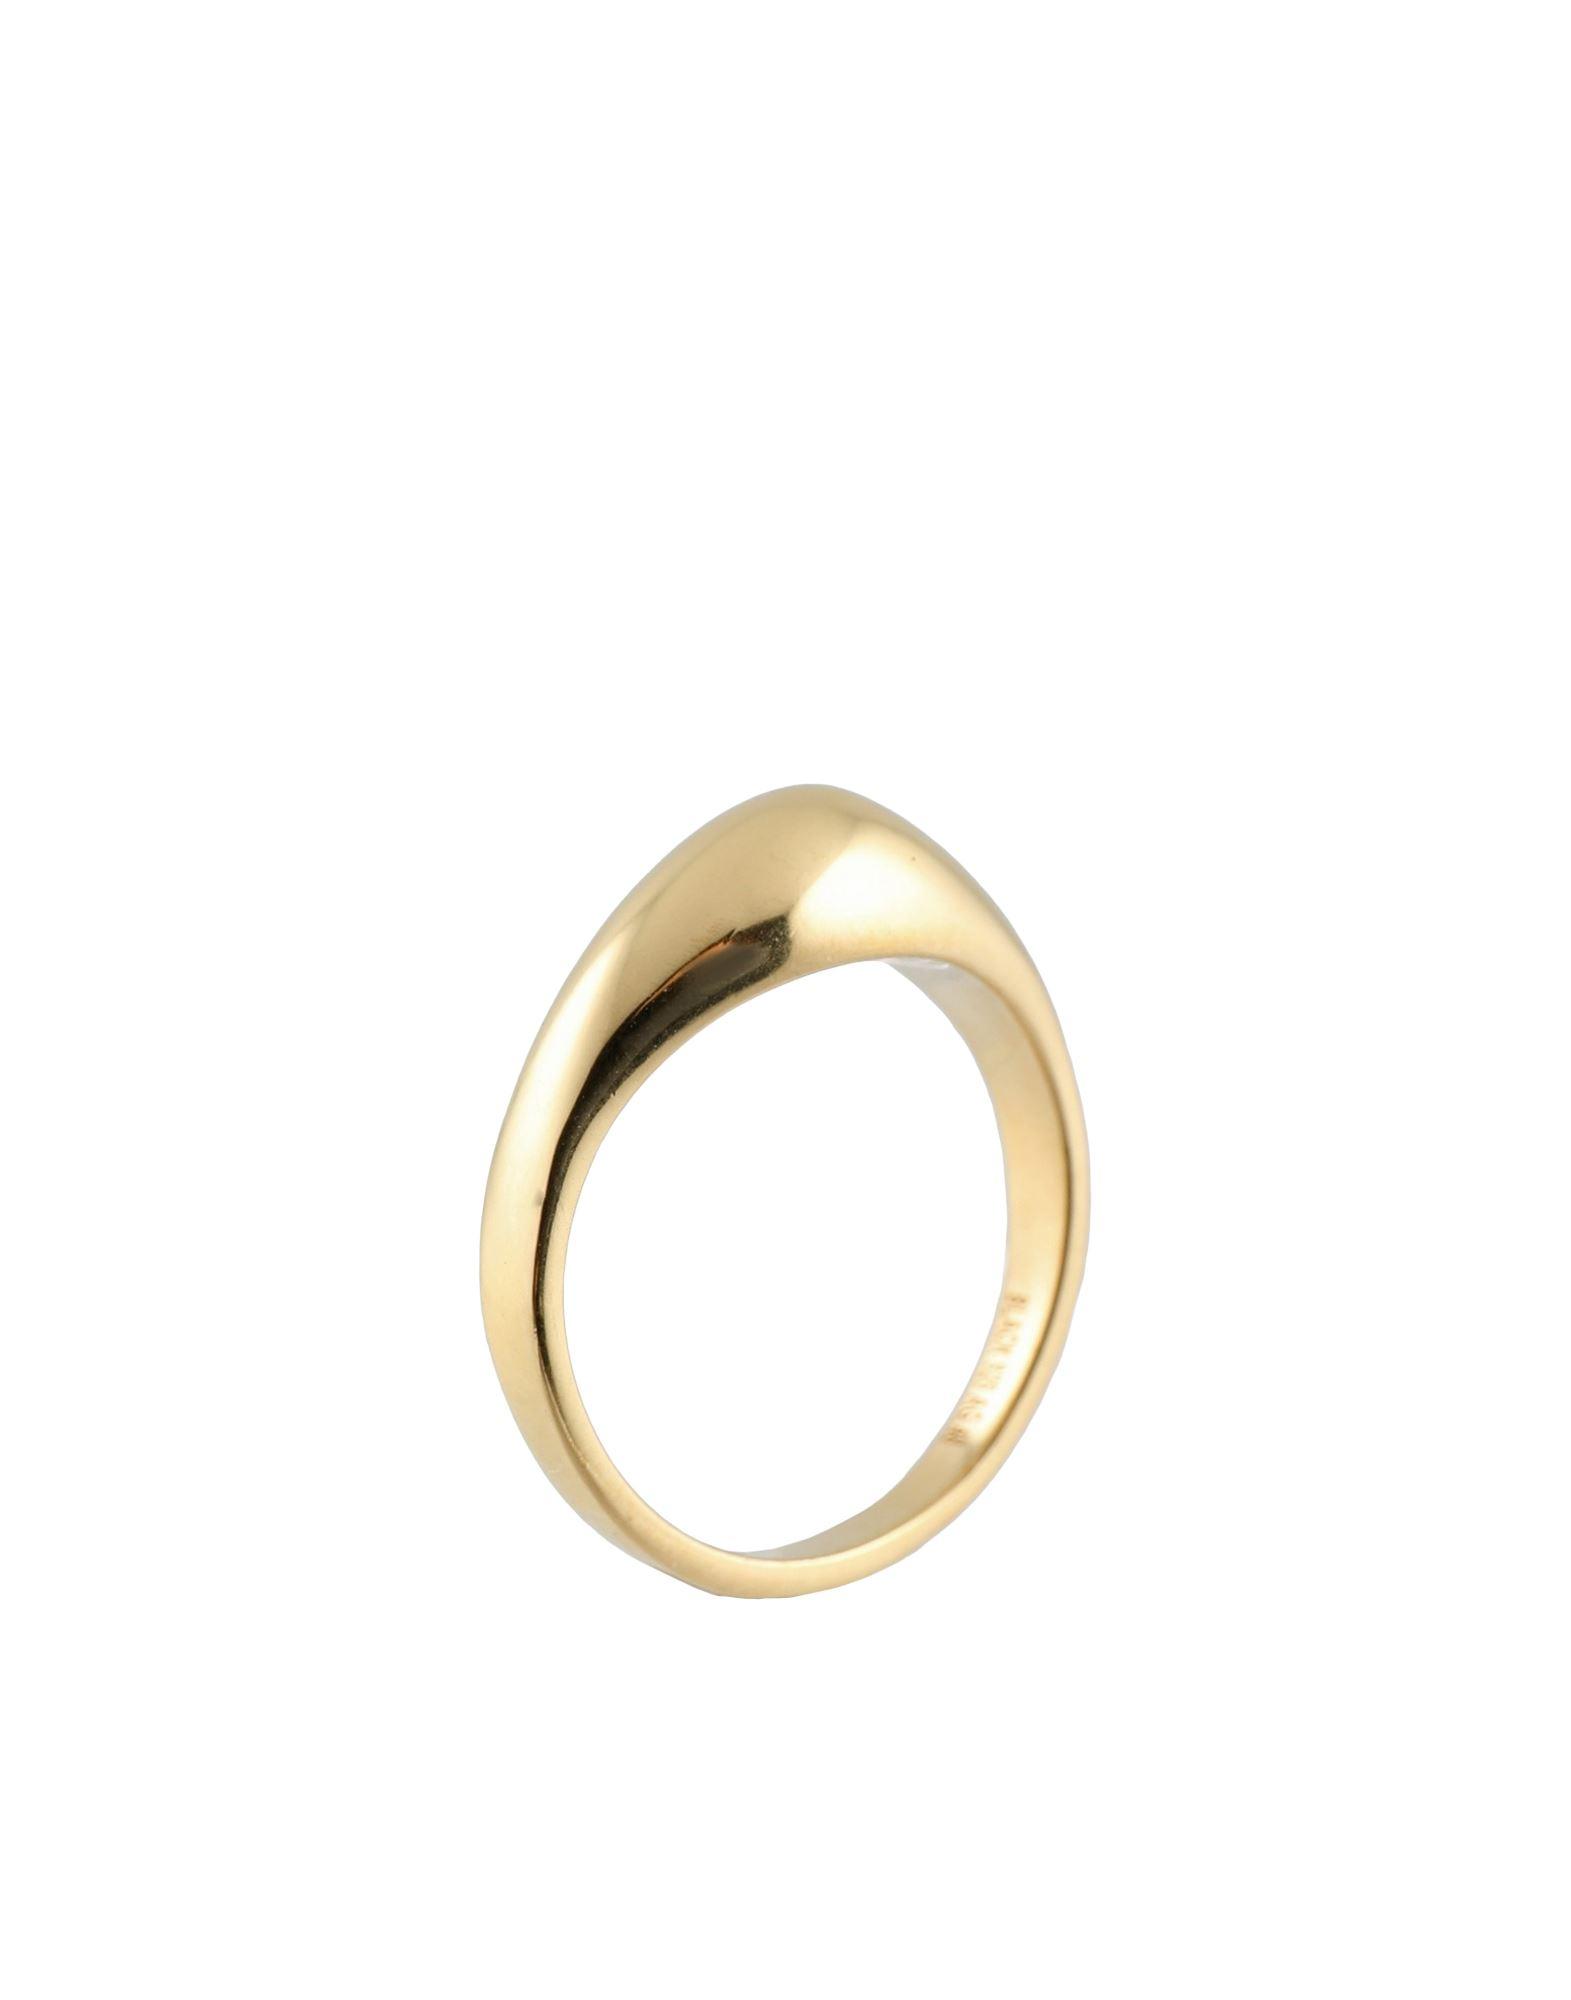 MARIA BLACK マリア・ブラック レディース 指輪 ESTHER RING ゴールド